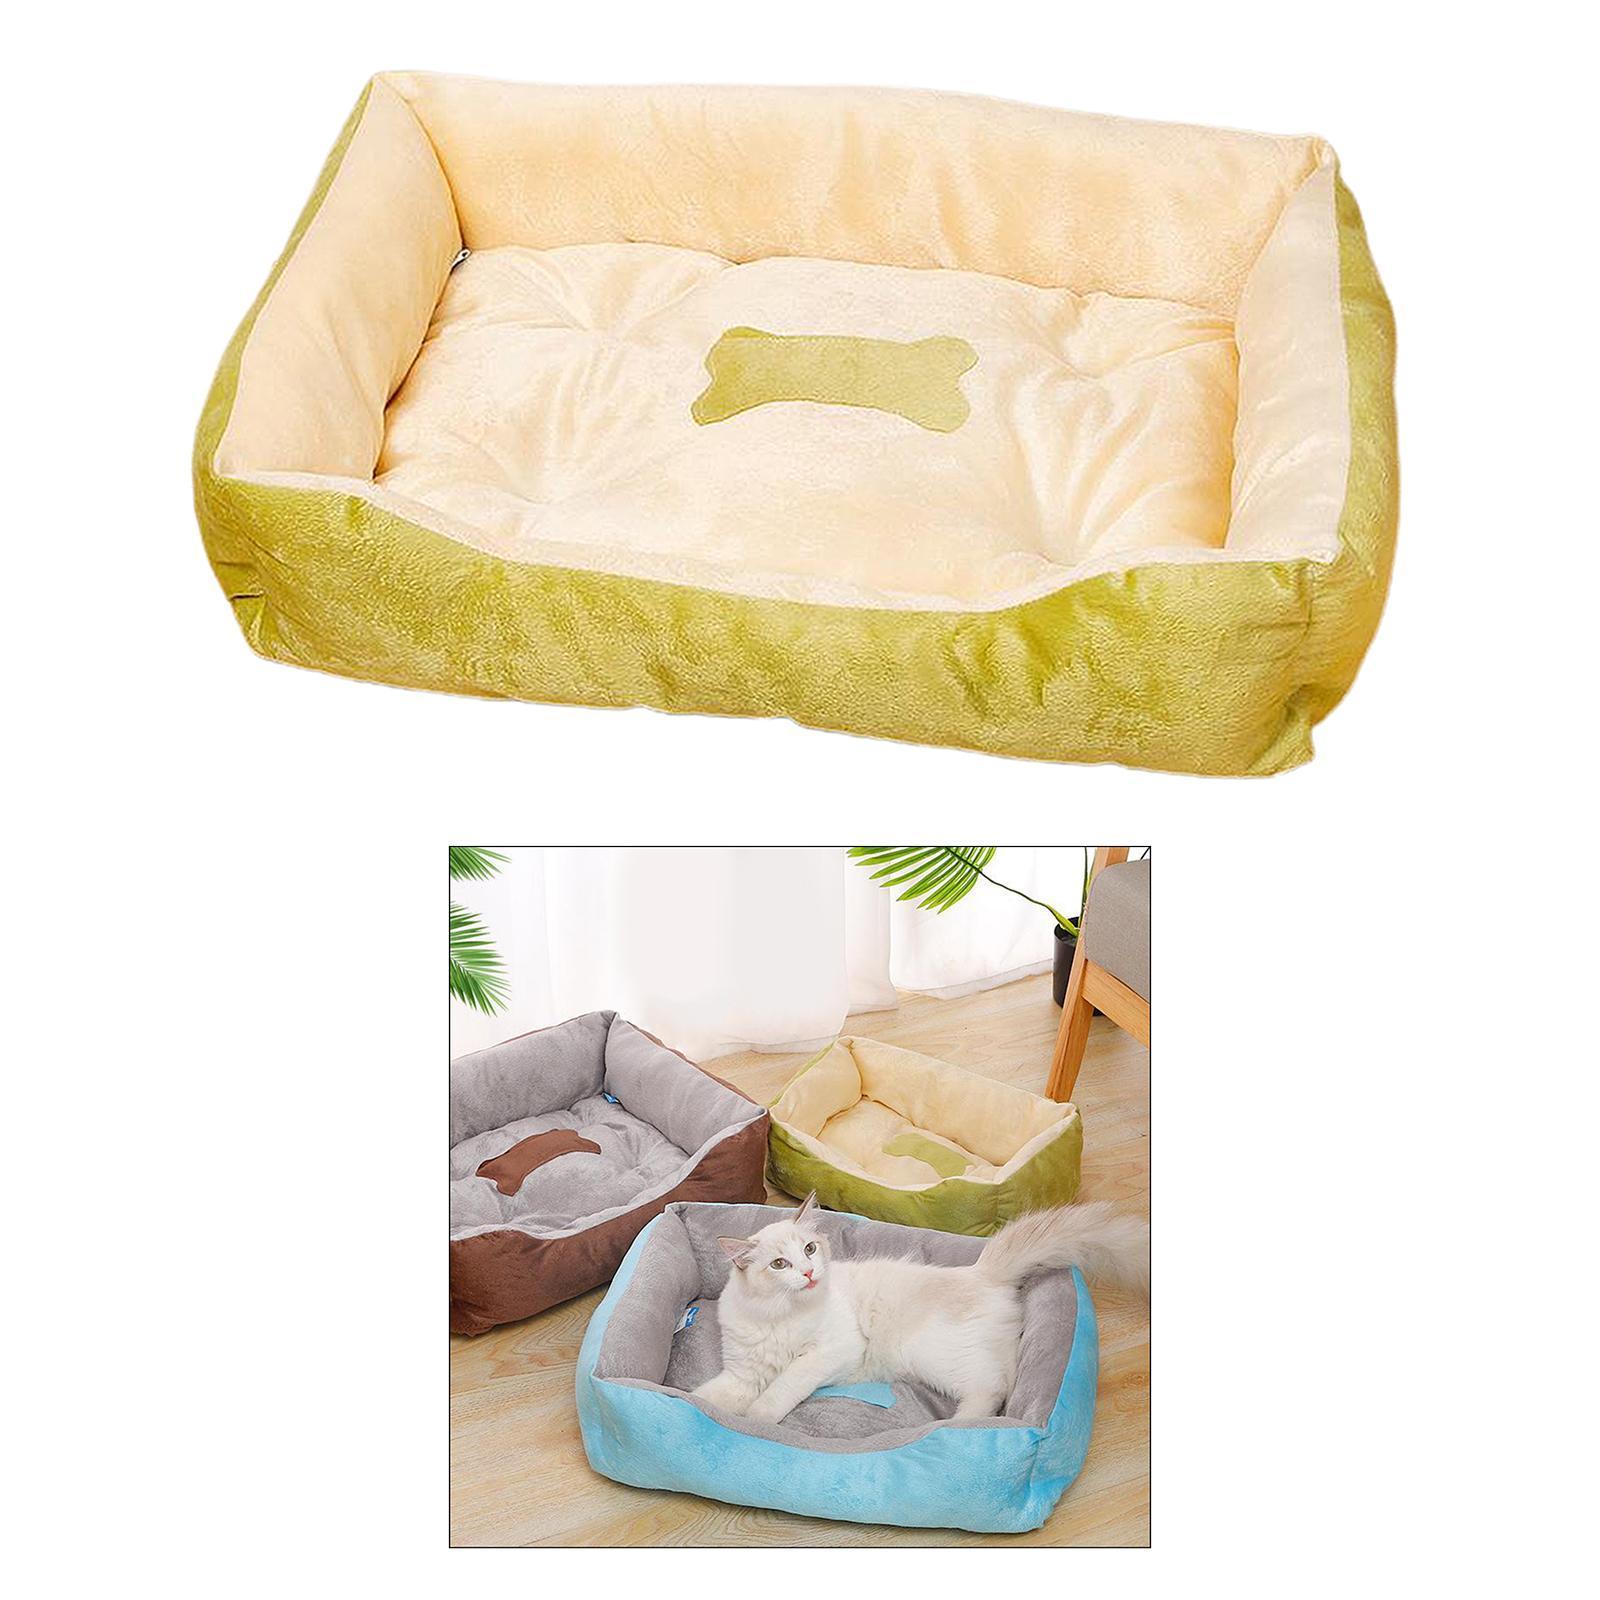 Indexbild 15 - Katze-Hund-Bett-Pet-Kissen-Betten-Haus-Schlaf-Soft-Warmen-Zwinger-Decke-Nest